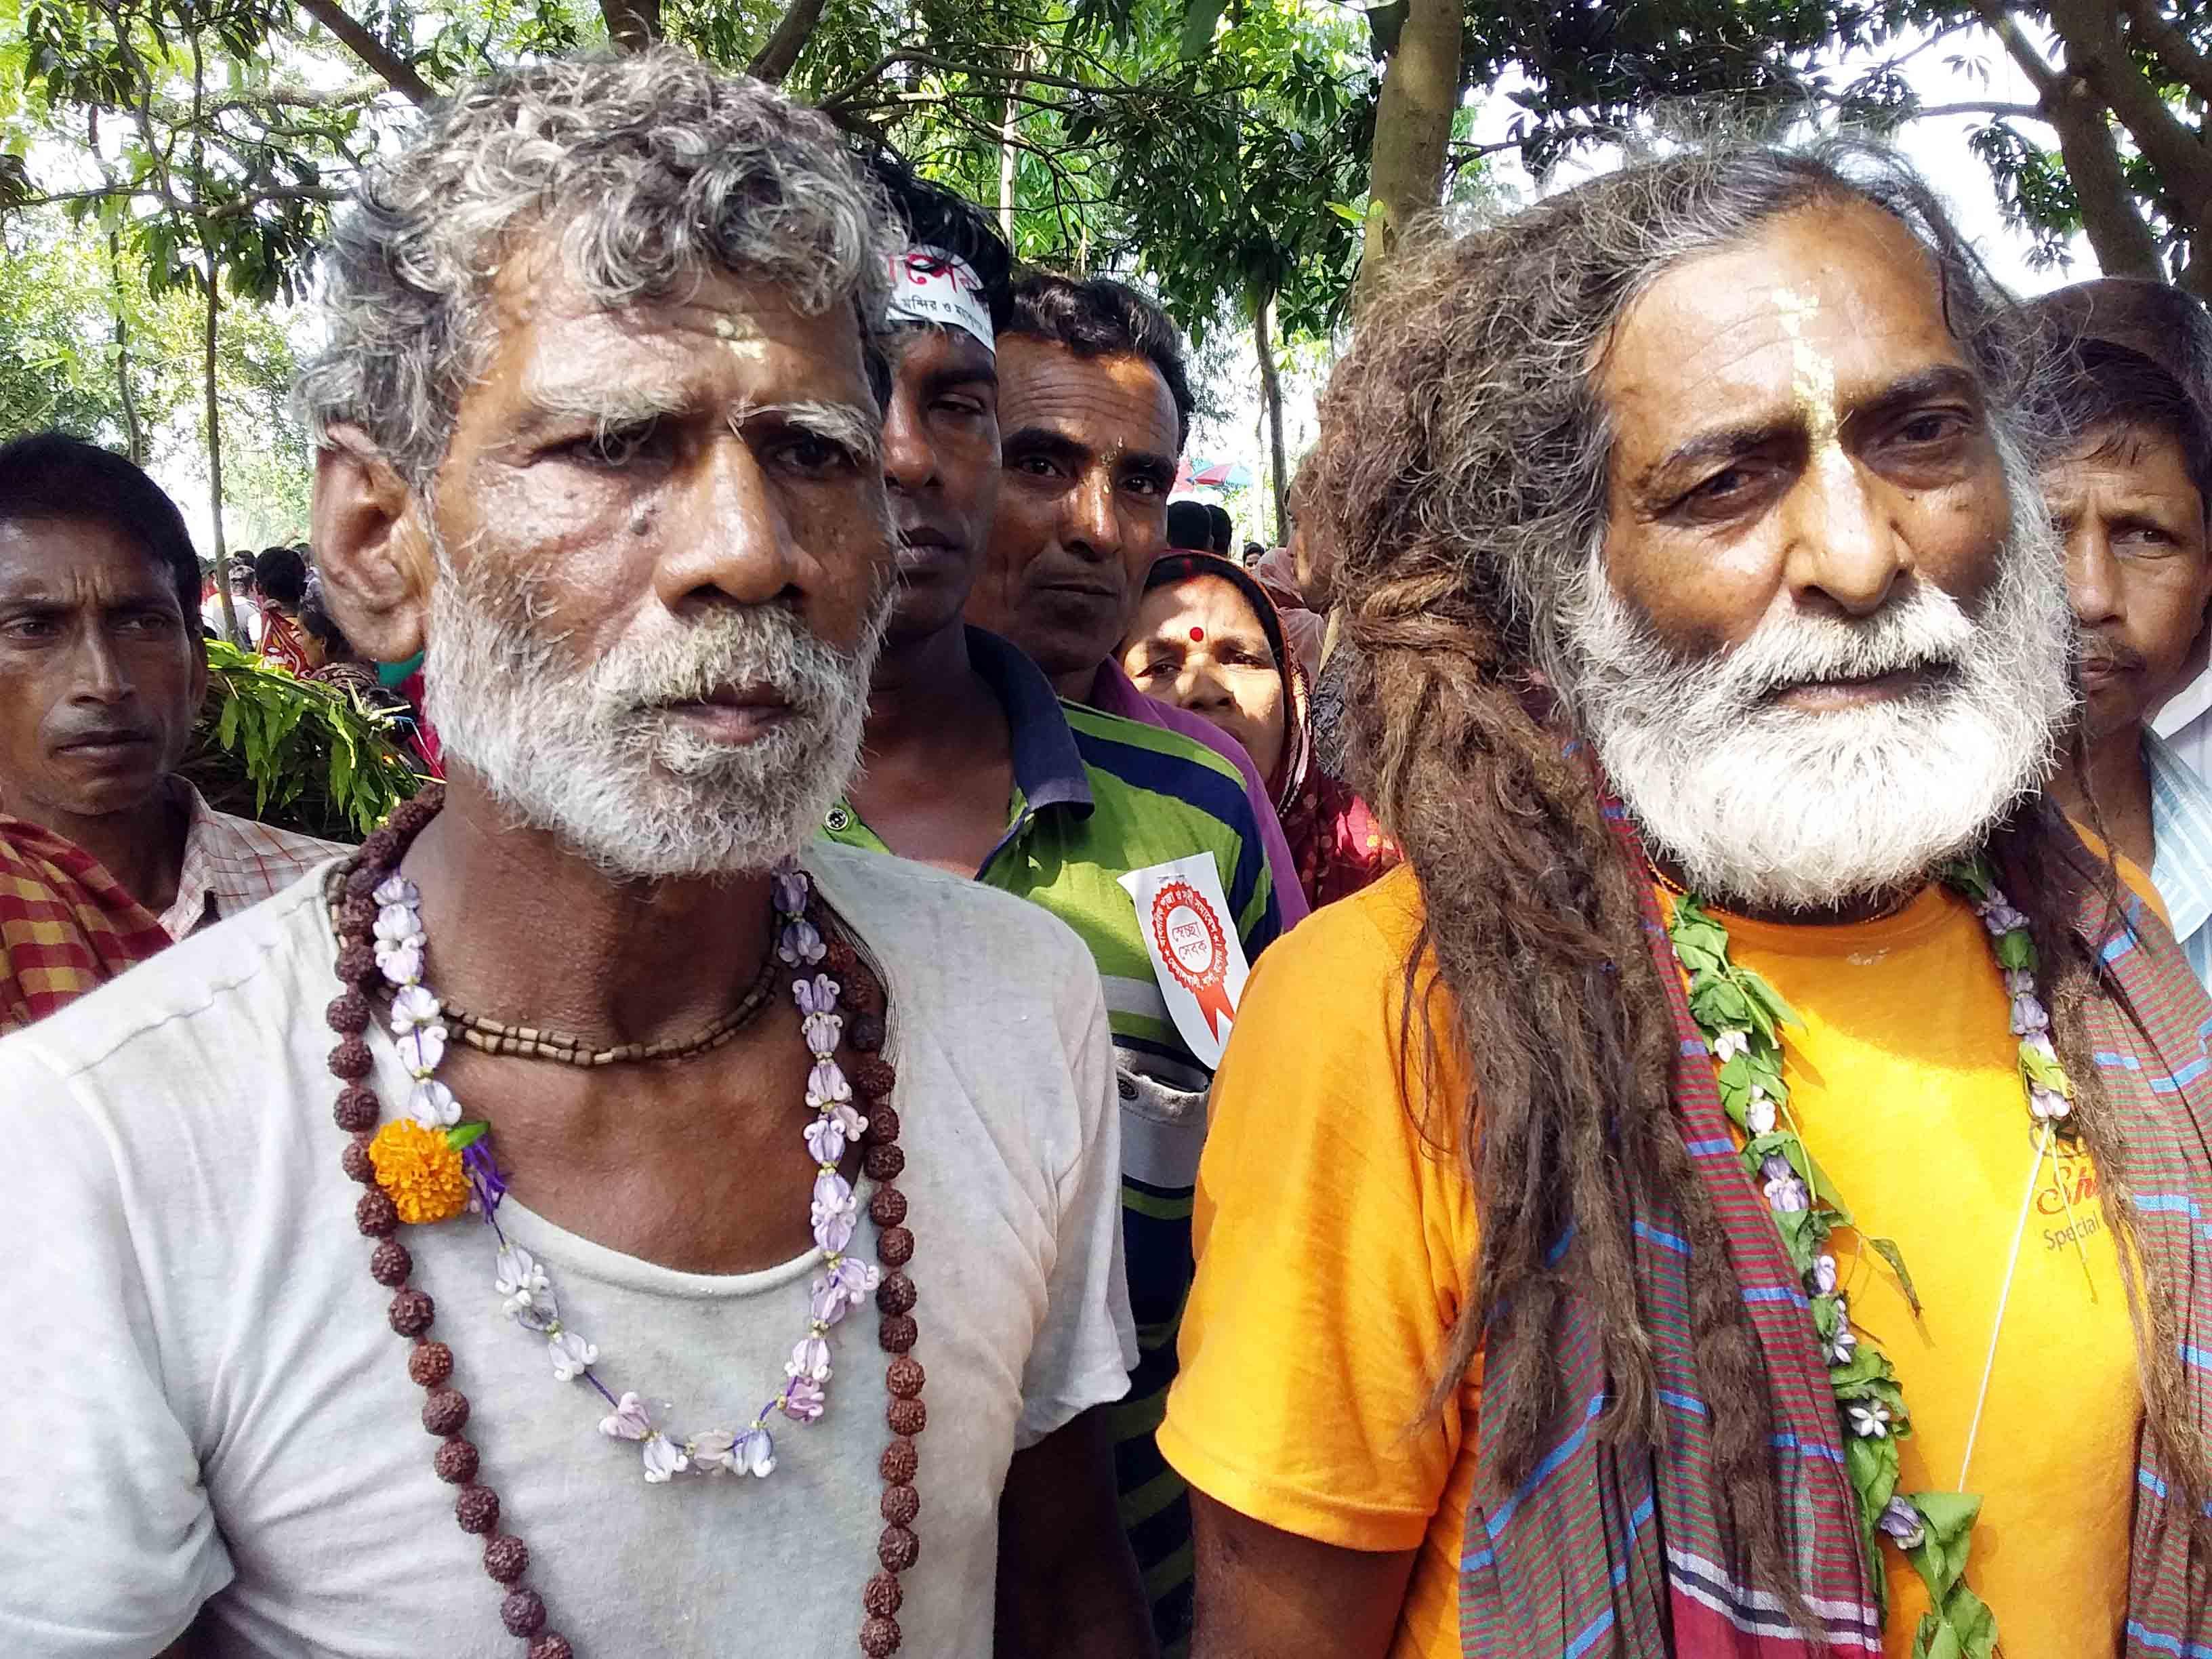 বালাপোতায় শিবলীলা মহোৎসবে হাজার হাজার ভক্তবৃন্দের সমাগম